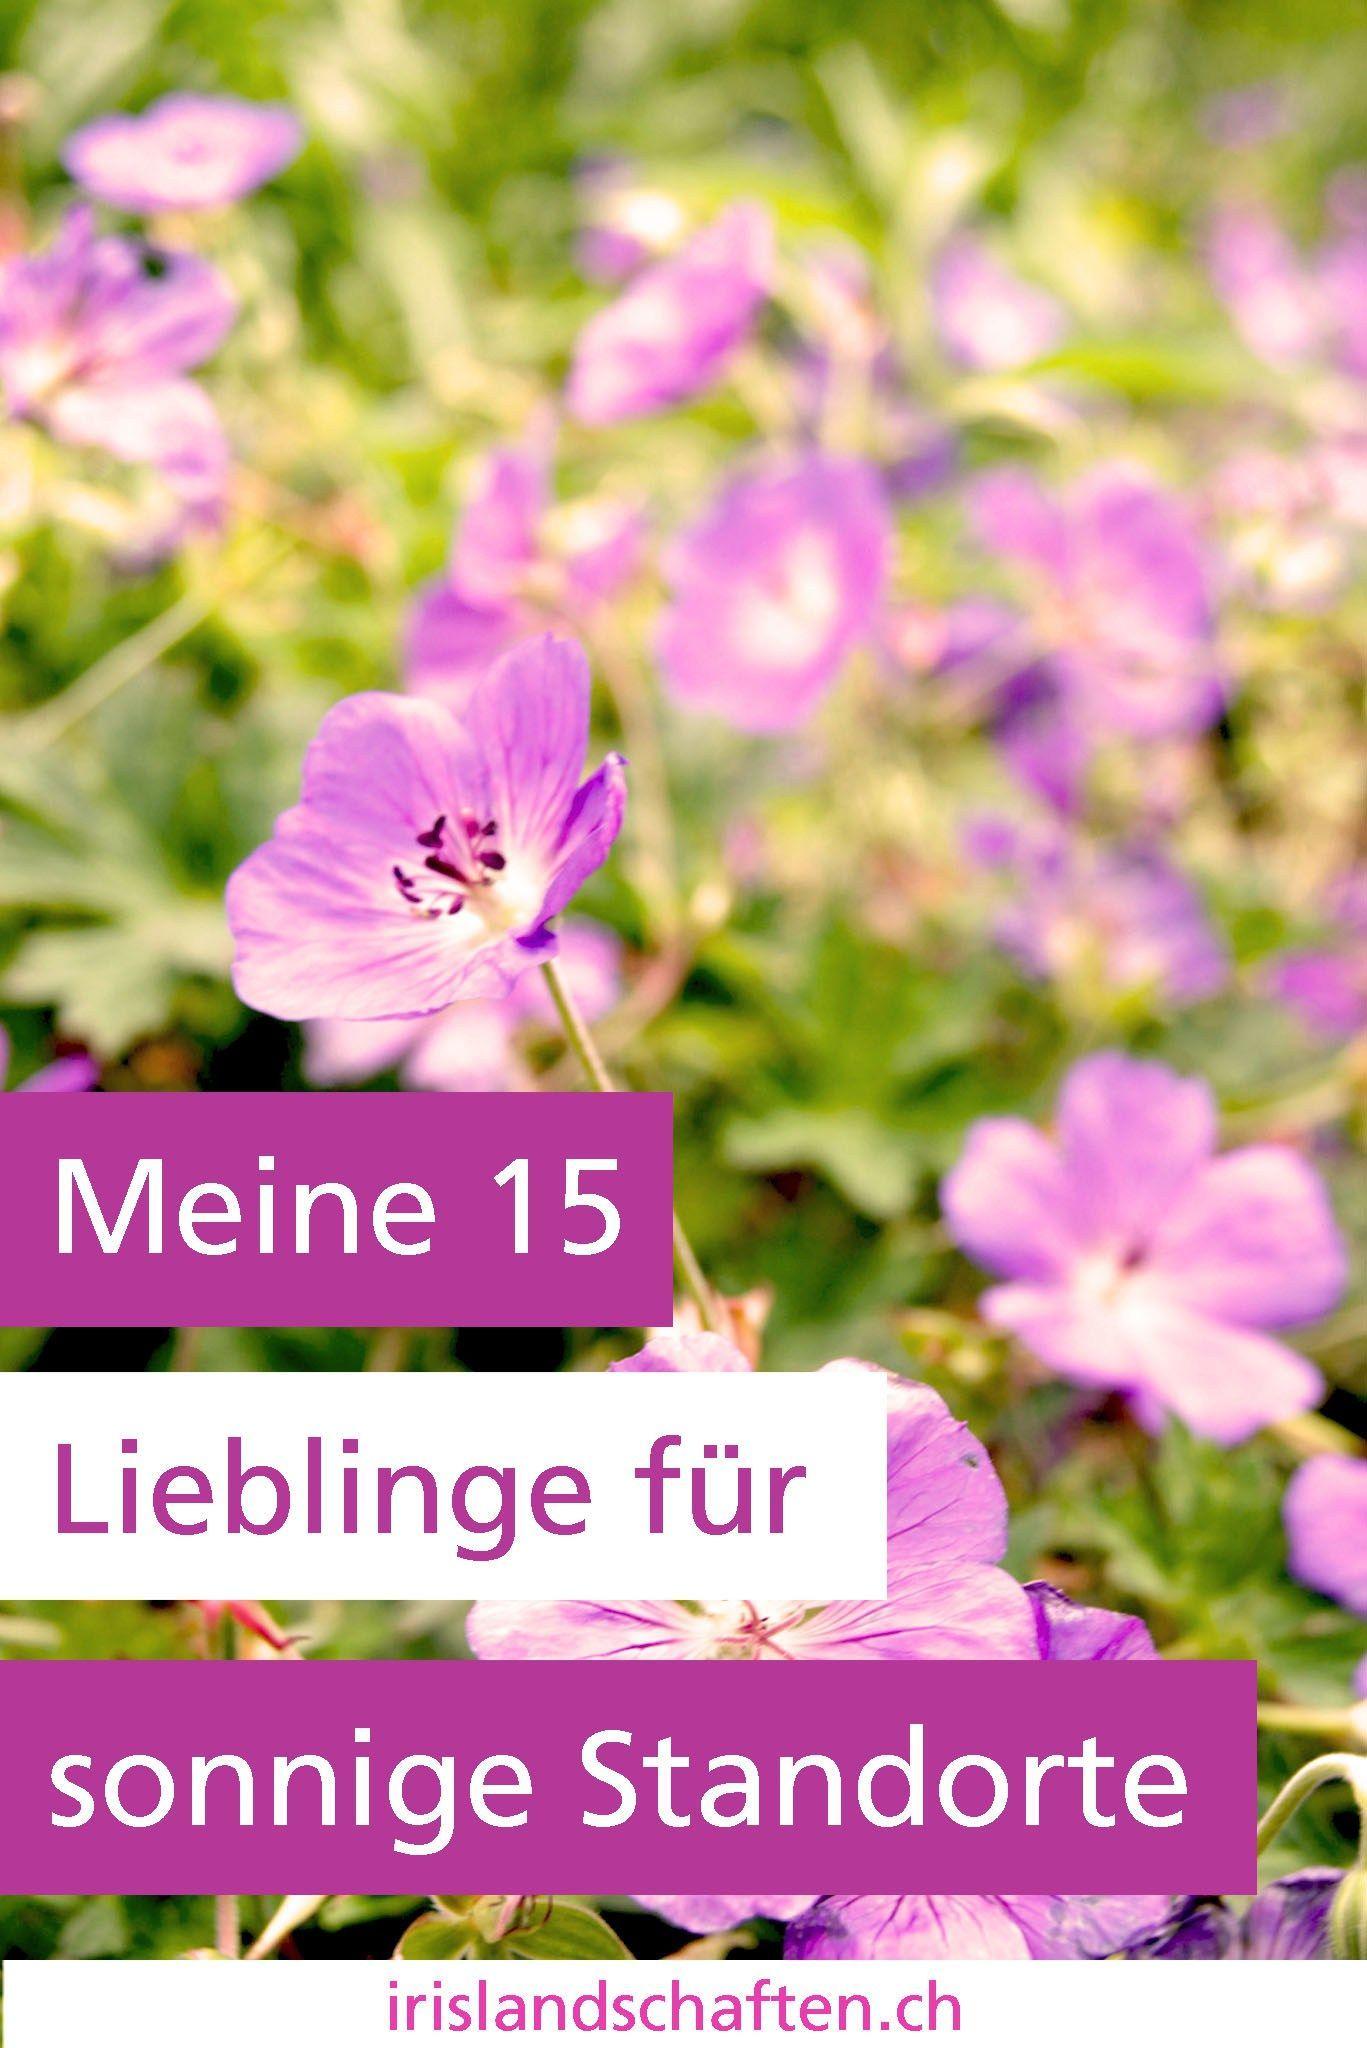 Stauden Sonne Meine 15 Lieblinge Blumenbeetanlegen With Images Perennials Backyard Plants Backyard Garden Design